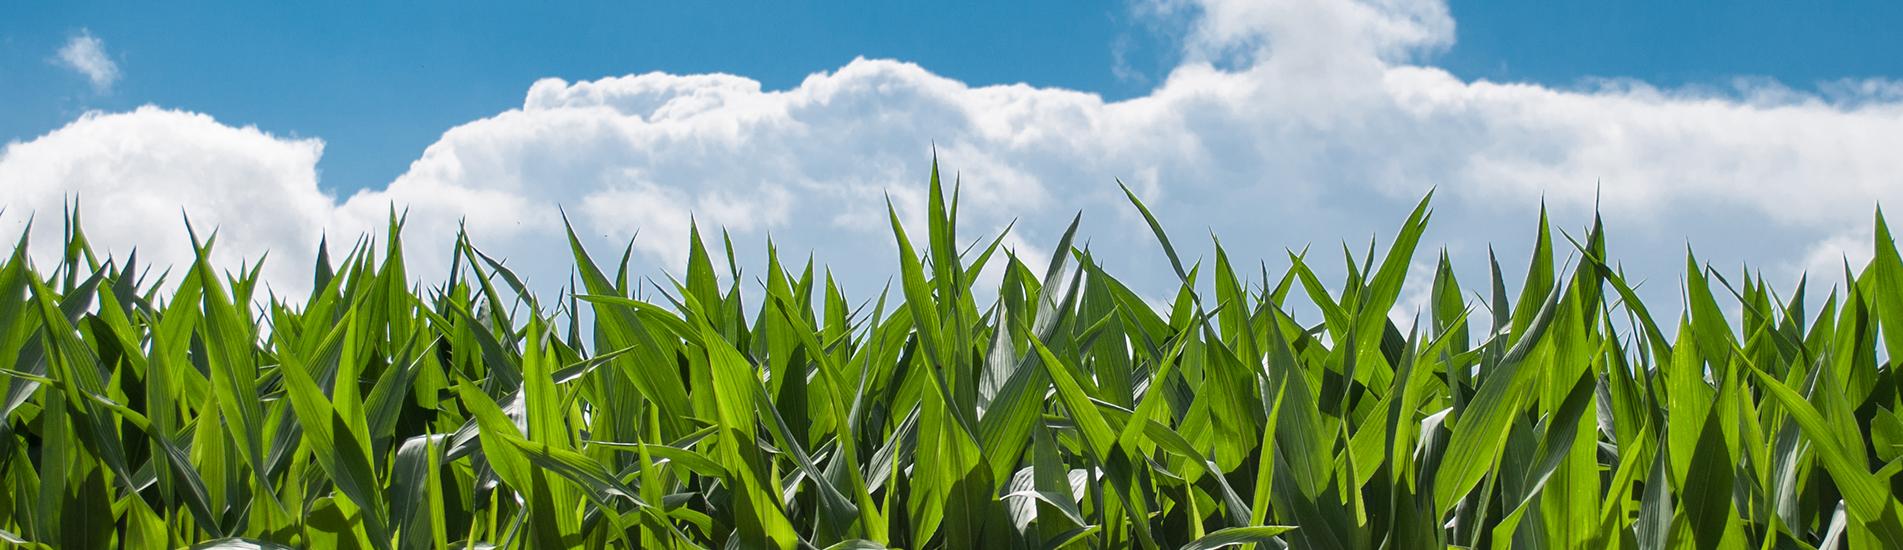 Grass in field